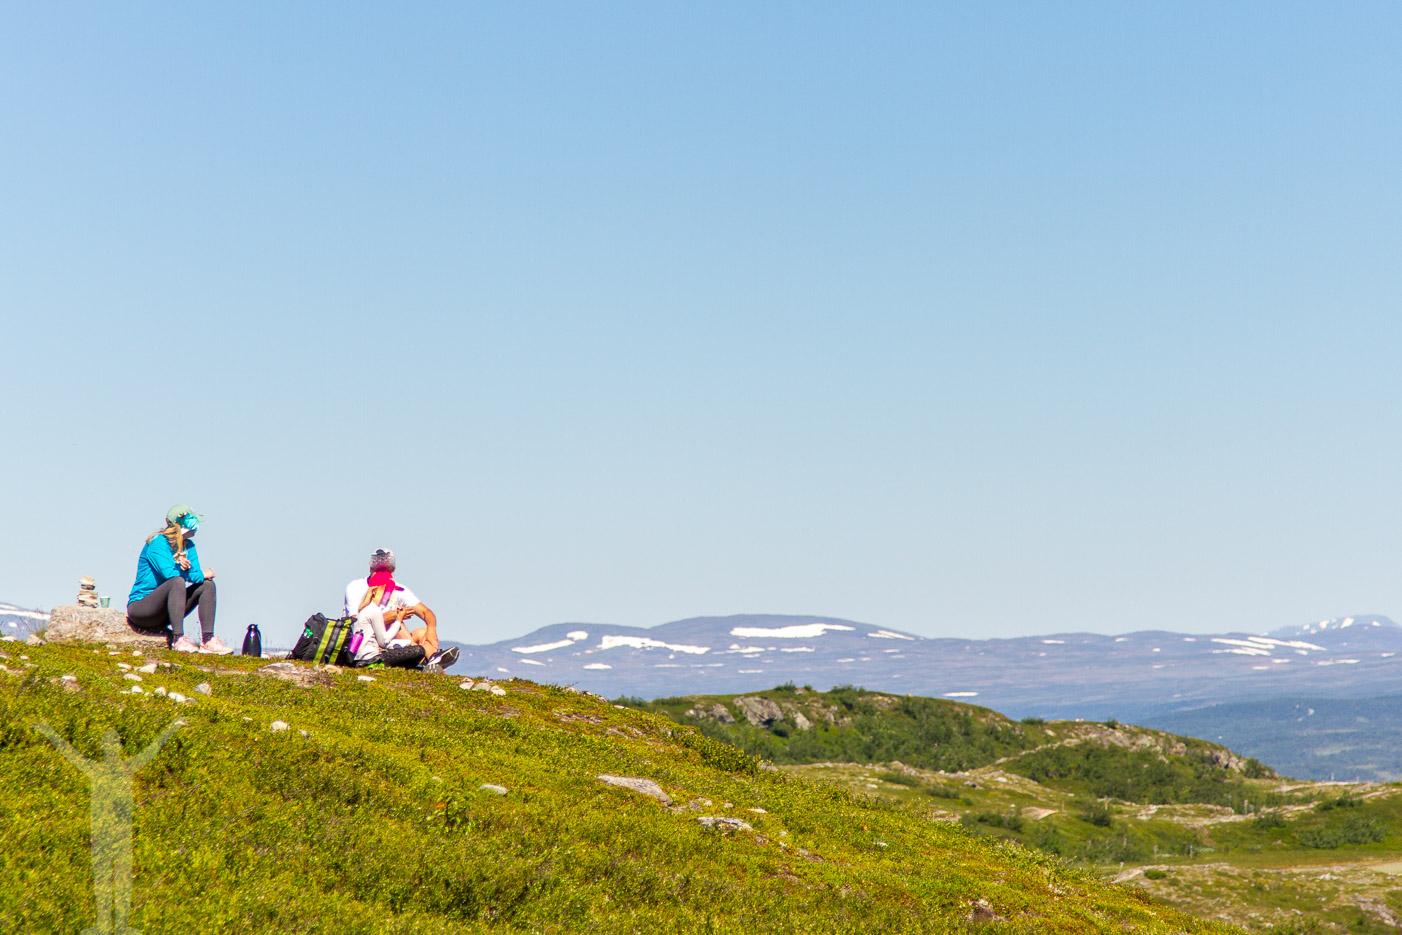 En fikapaus på toppen av Funäsdalsberget